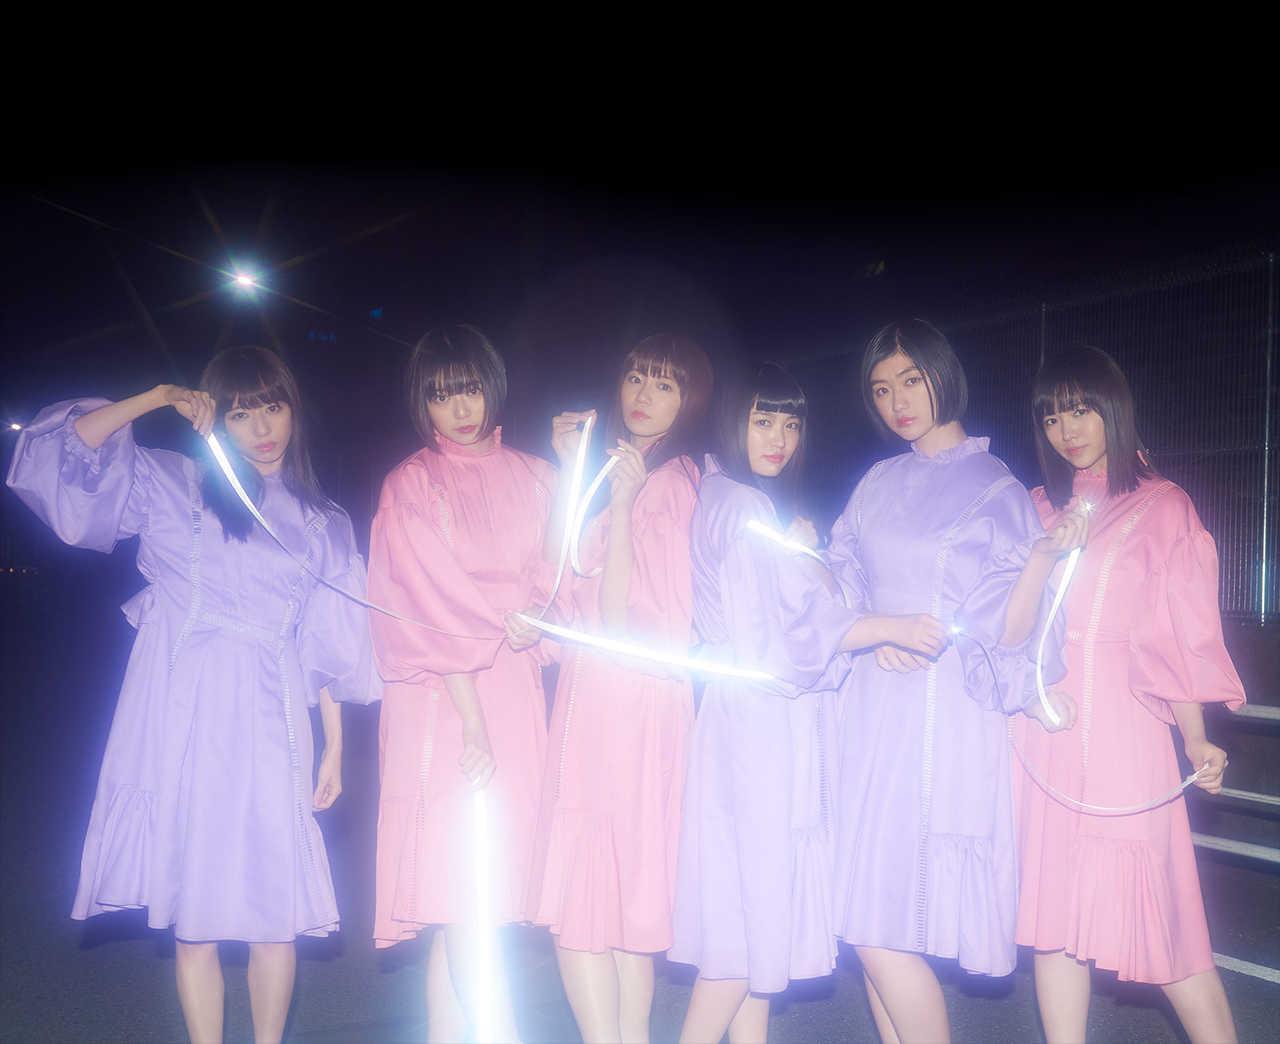 日本大学法学部の「後夜祭」に、私立恵比寿中学が出演決定!